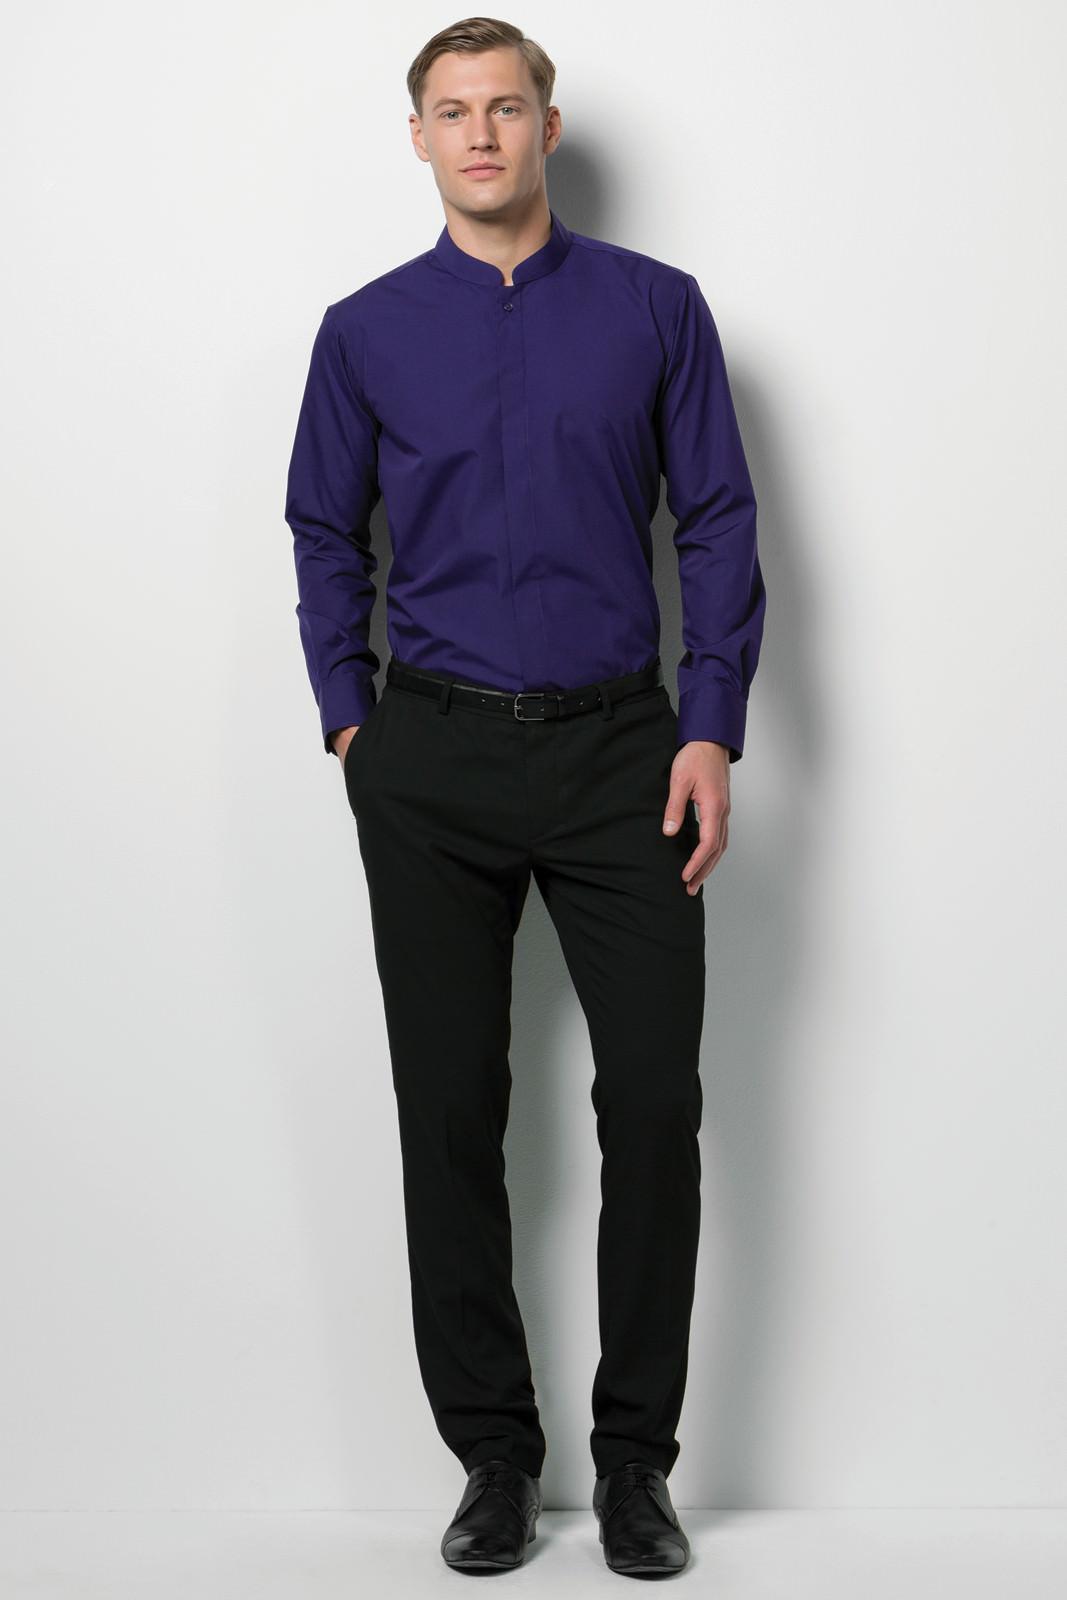 Kk161 Men S Mandarin Collar Shirt Kustom Kit